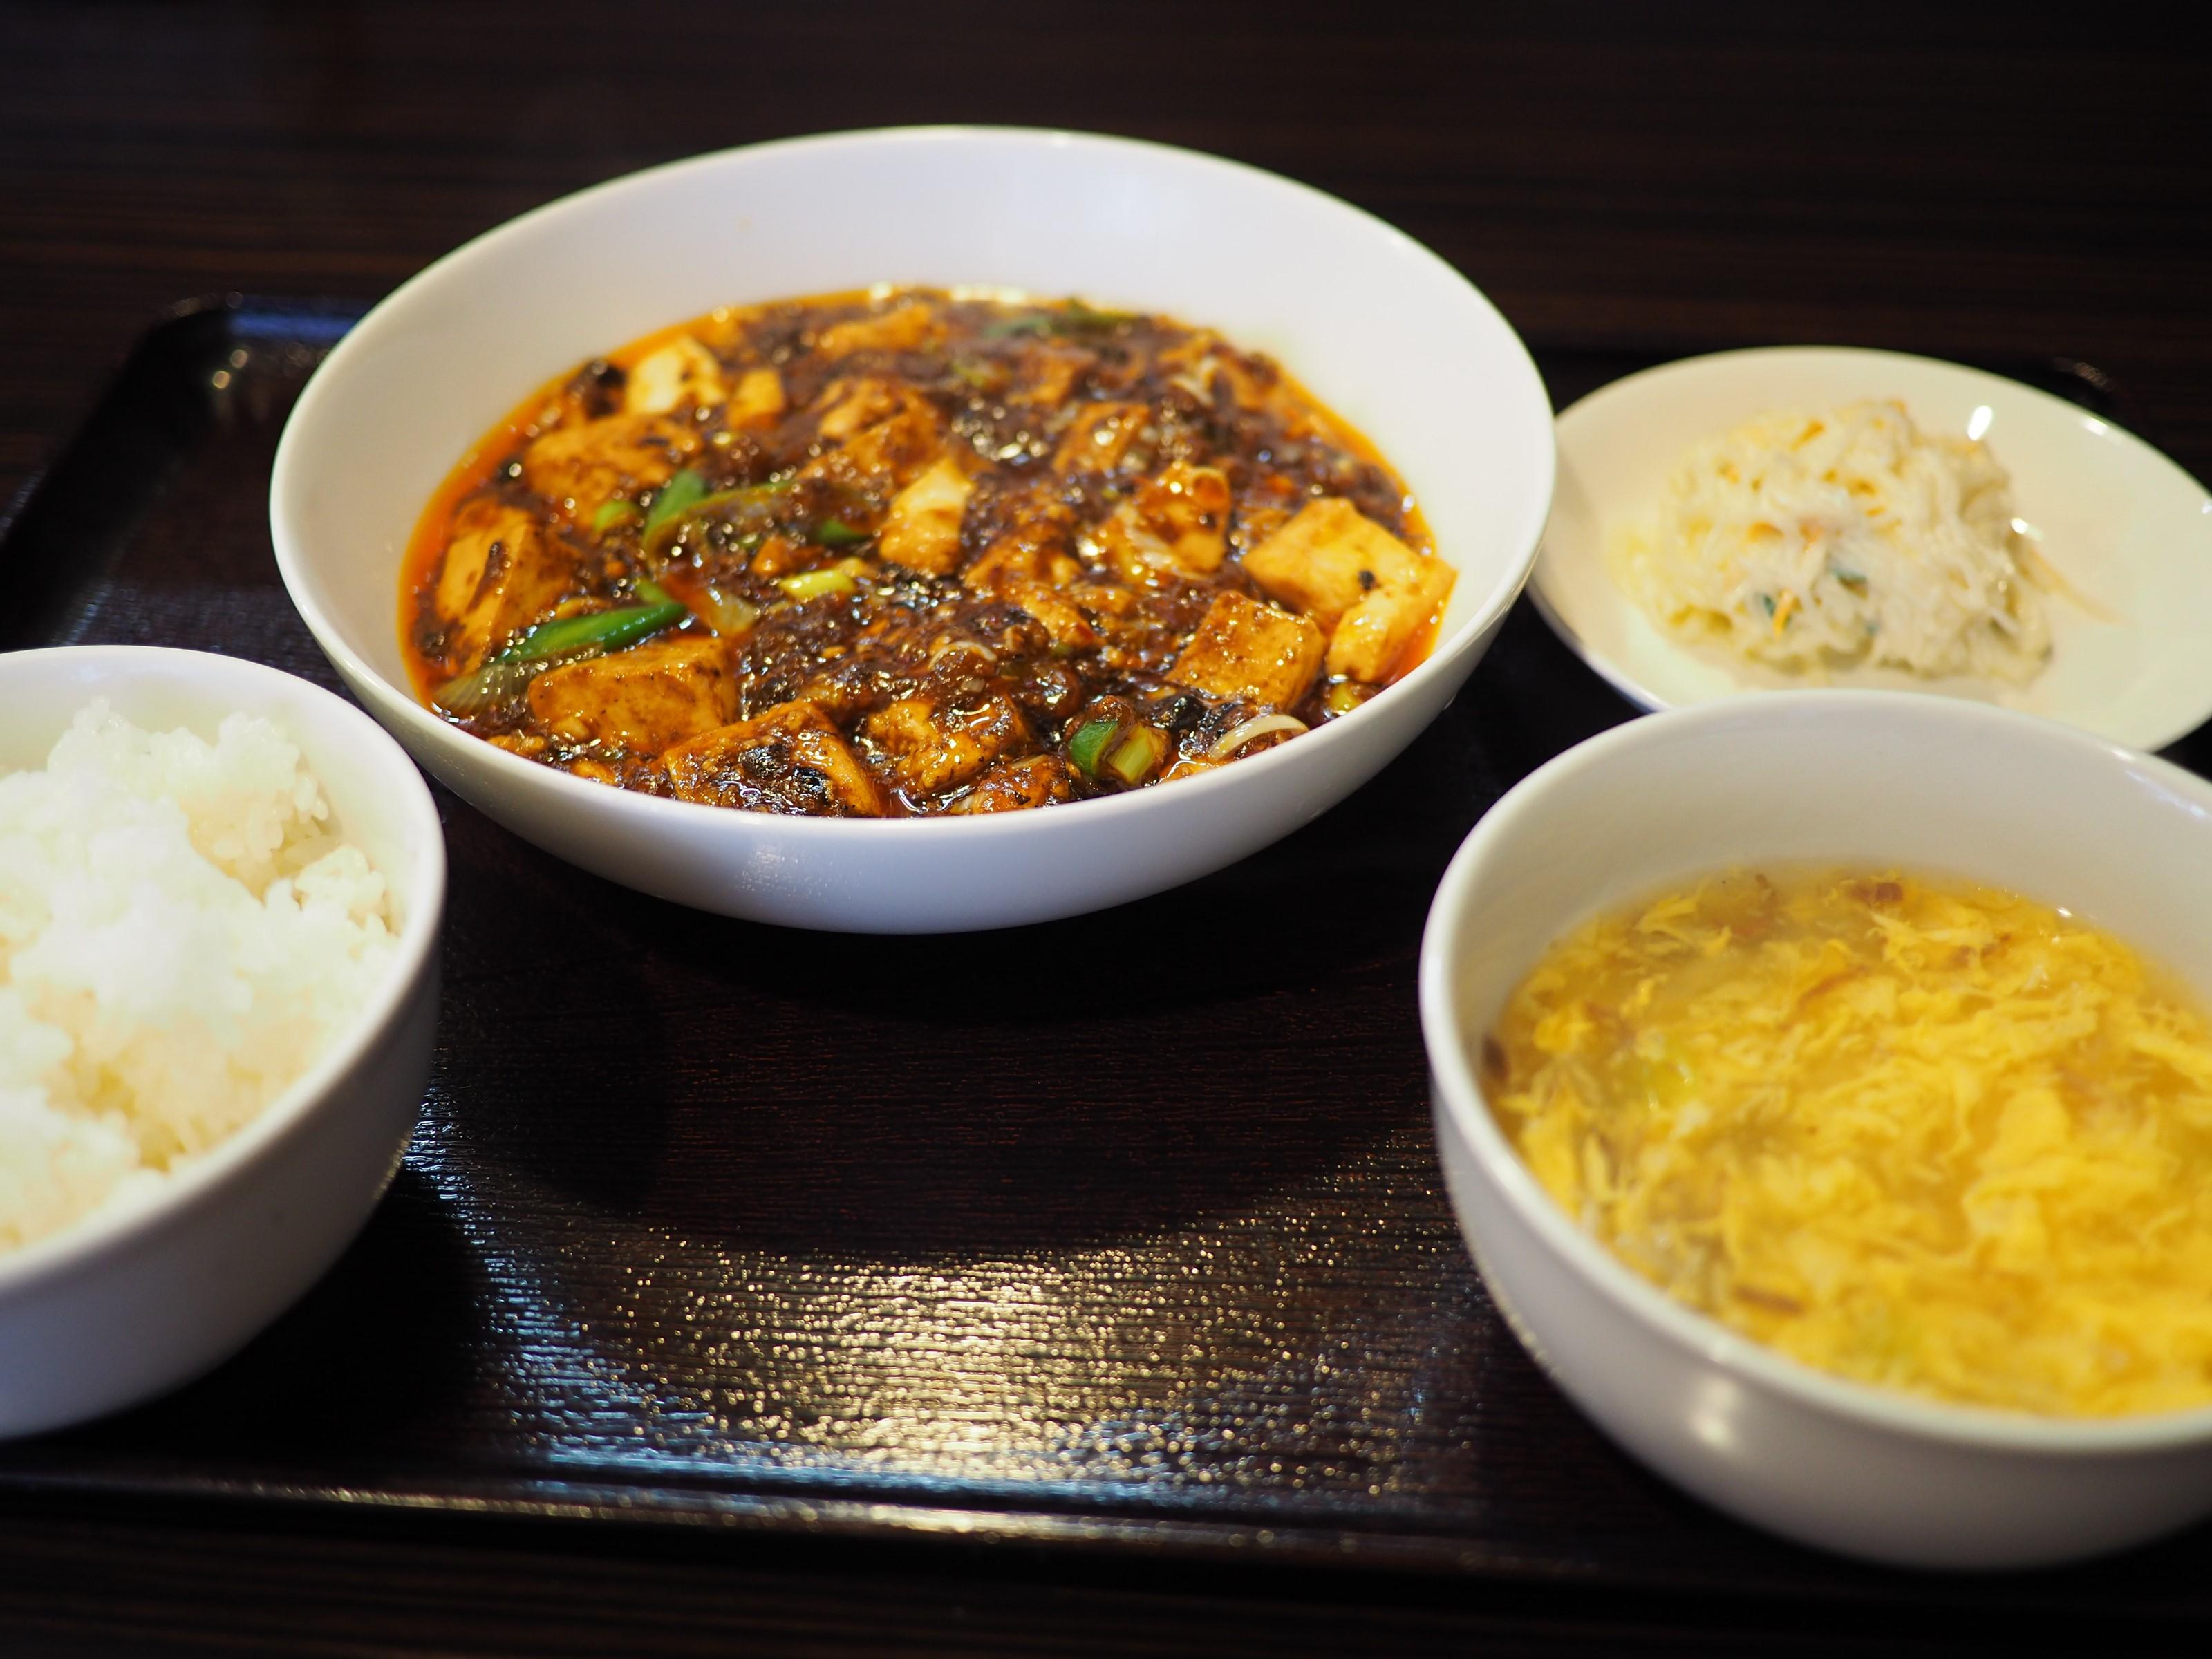 行列ができる大人気の四川麻婆豆腐ランチは癖になる味わいです! 西区立売堀 「中華食堂 チリレンゲ」